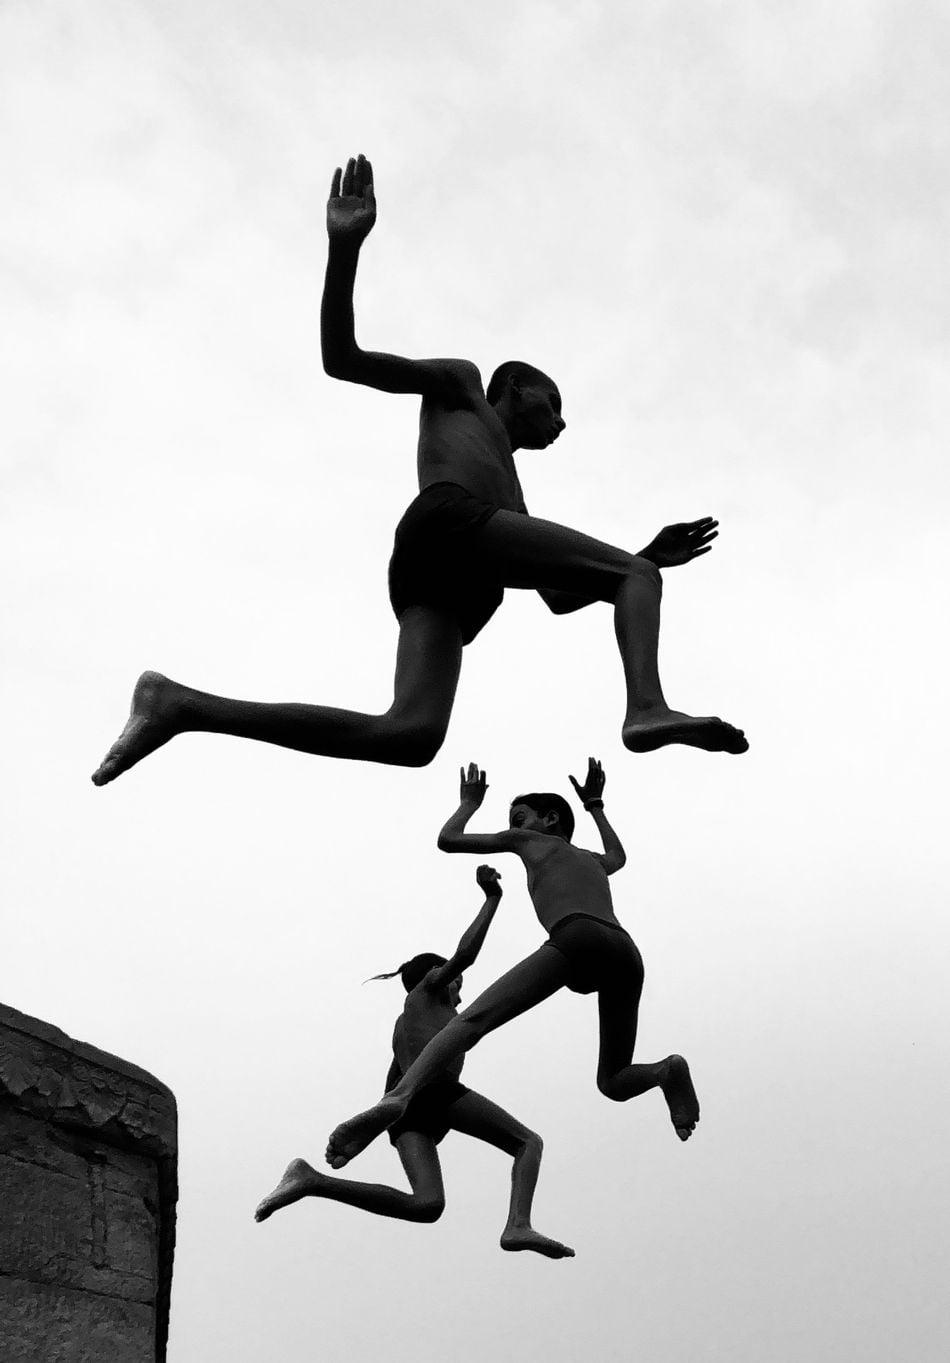 Flying Boys by Dimpy Bhalotia